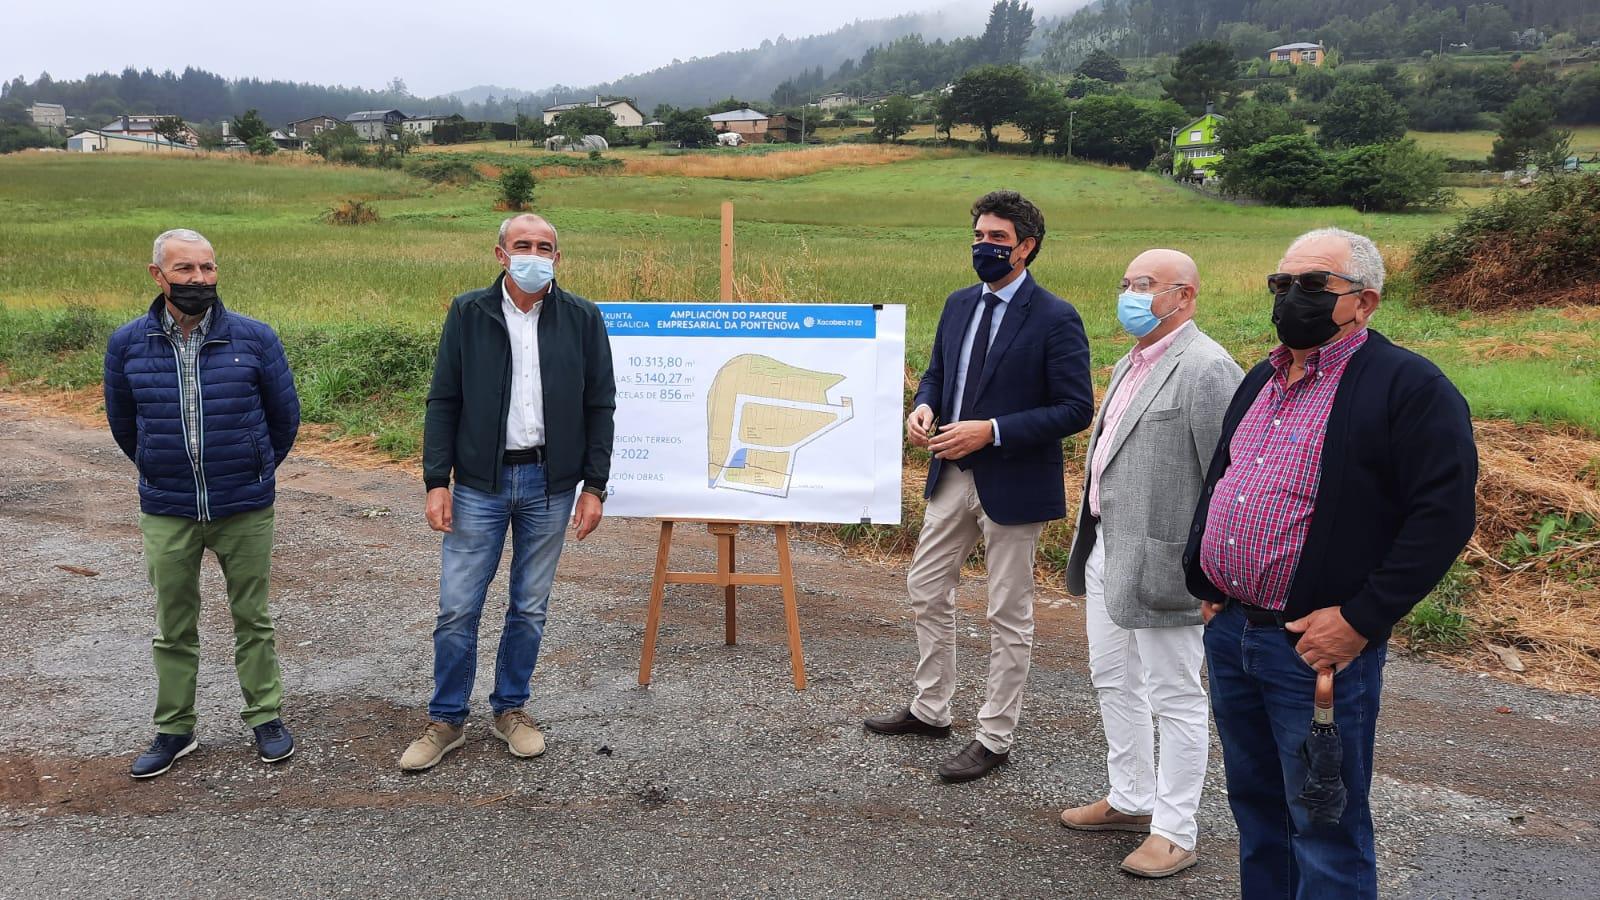 A Xunta avanza nos trámites para ampliar o polígono empresarial da Pontenova en máis de 10.000 metros cadrados